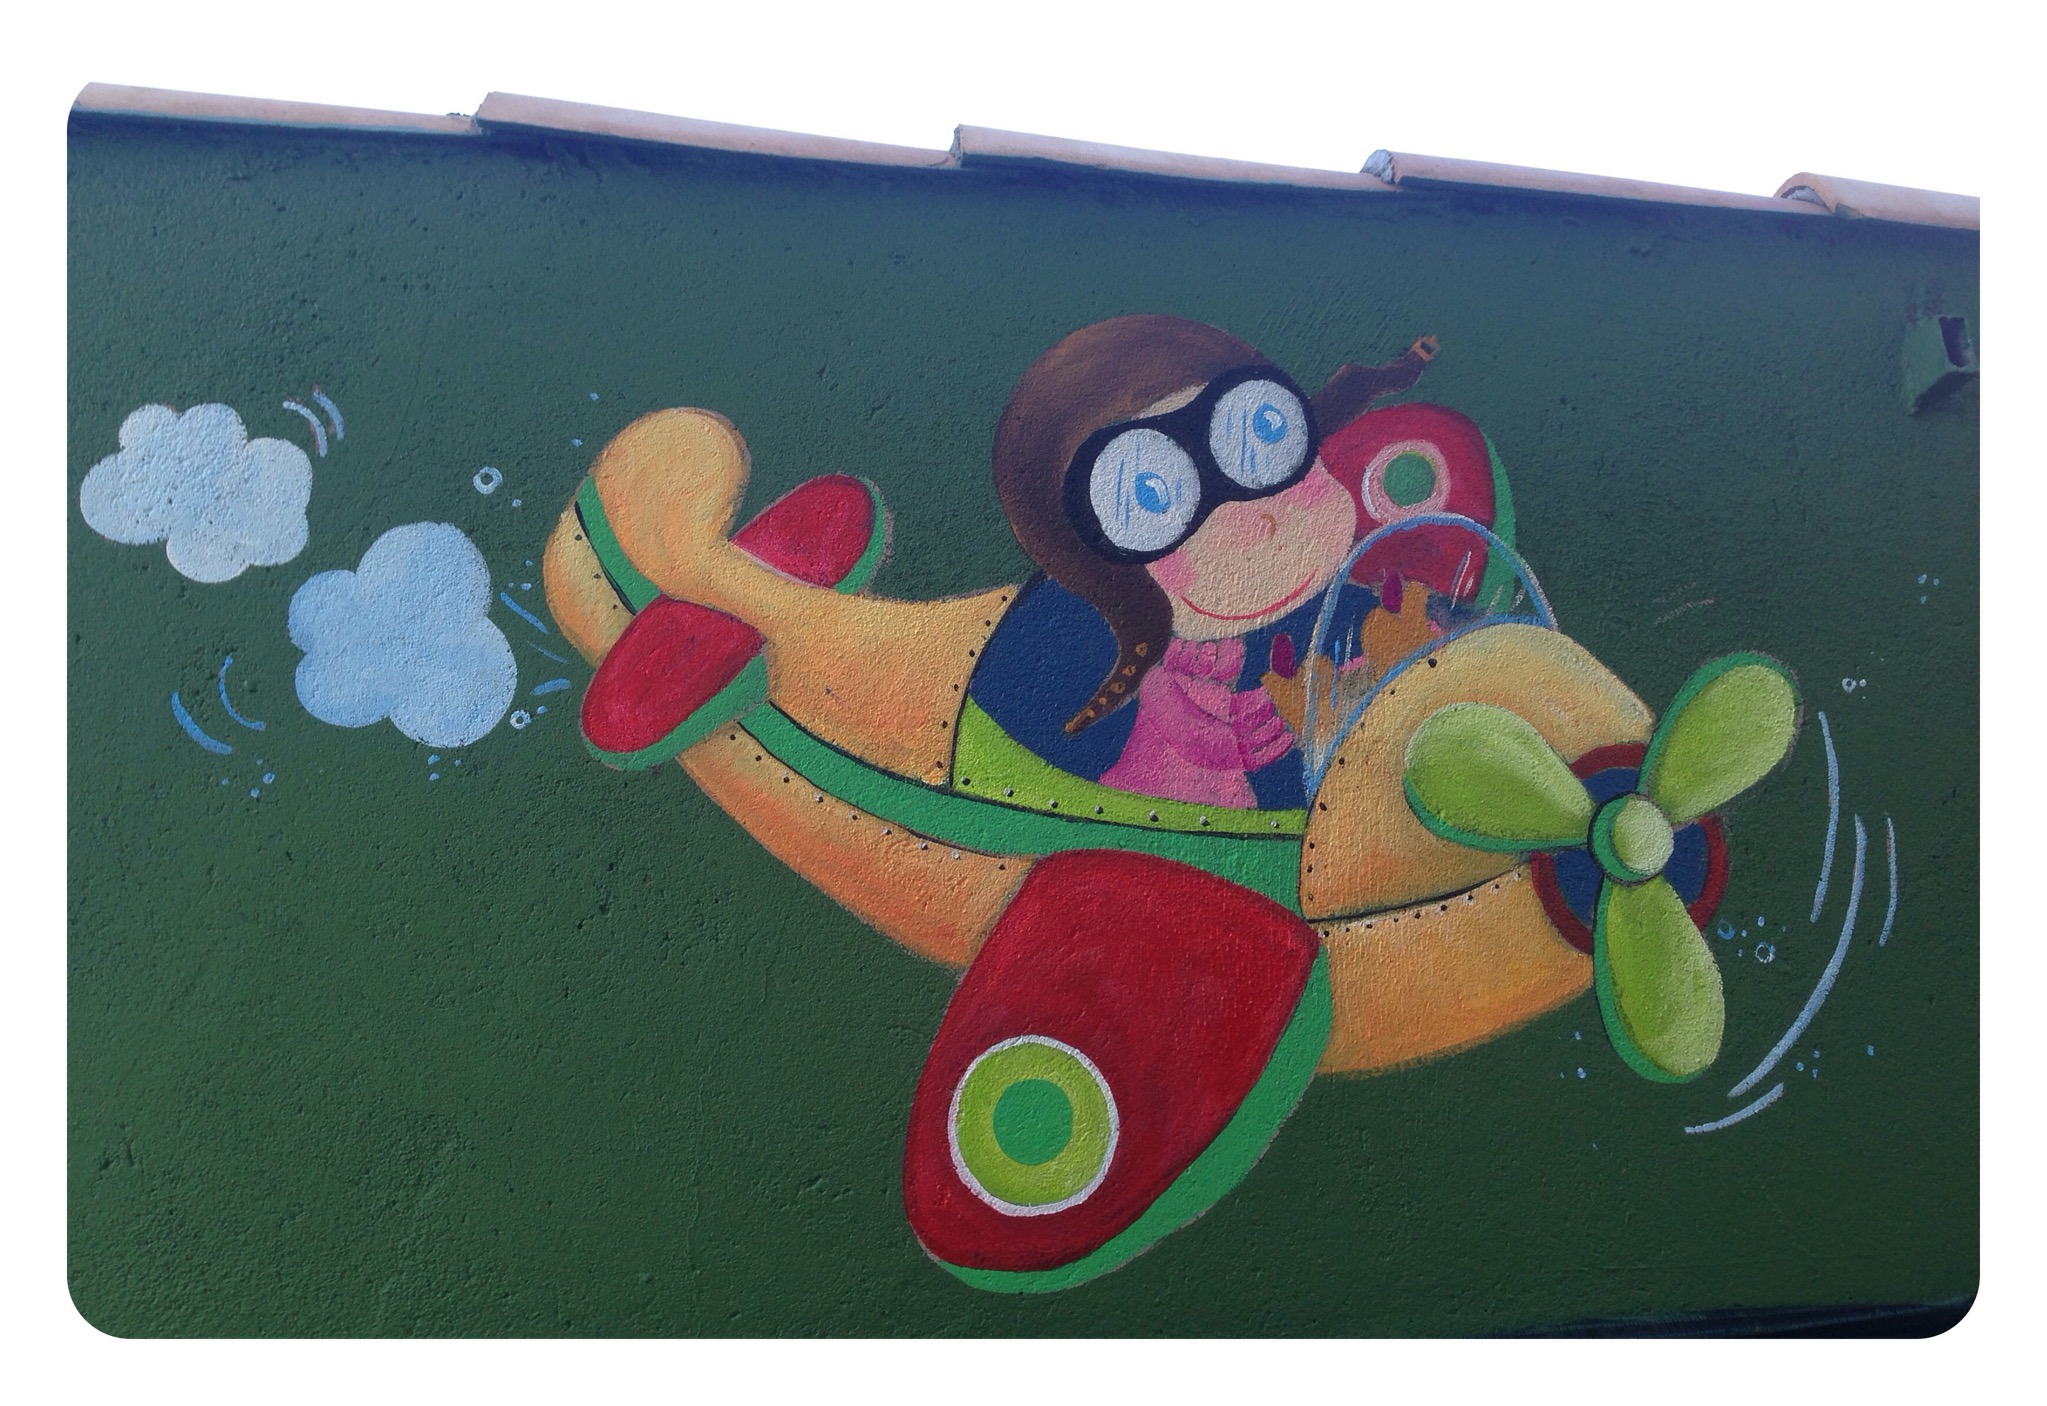 Pintura Mural, Avioneta, bgophycolorincolorado, Begoña Pérez-Herrera Moreno